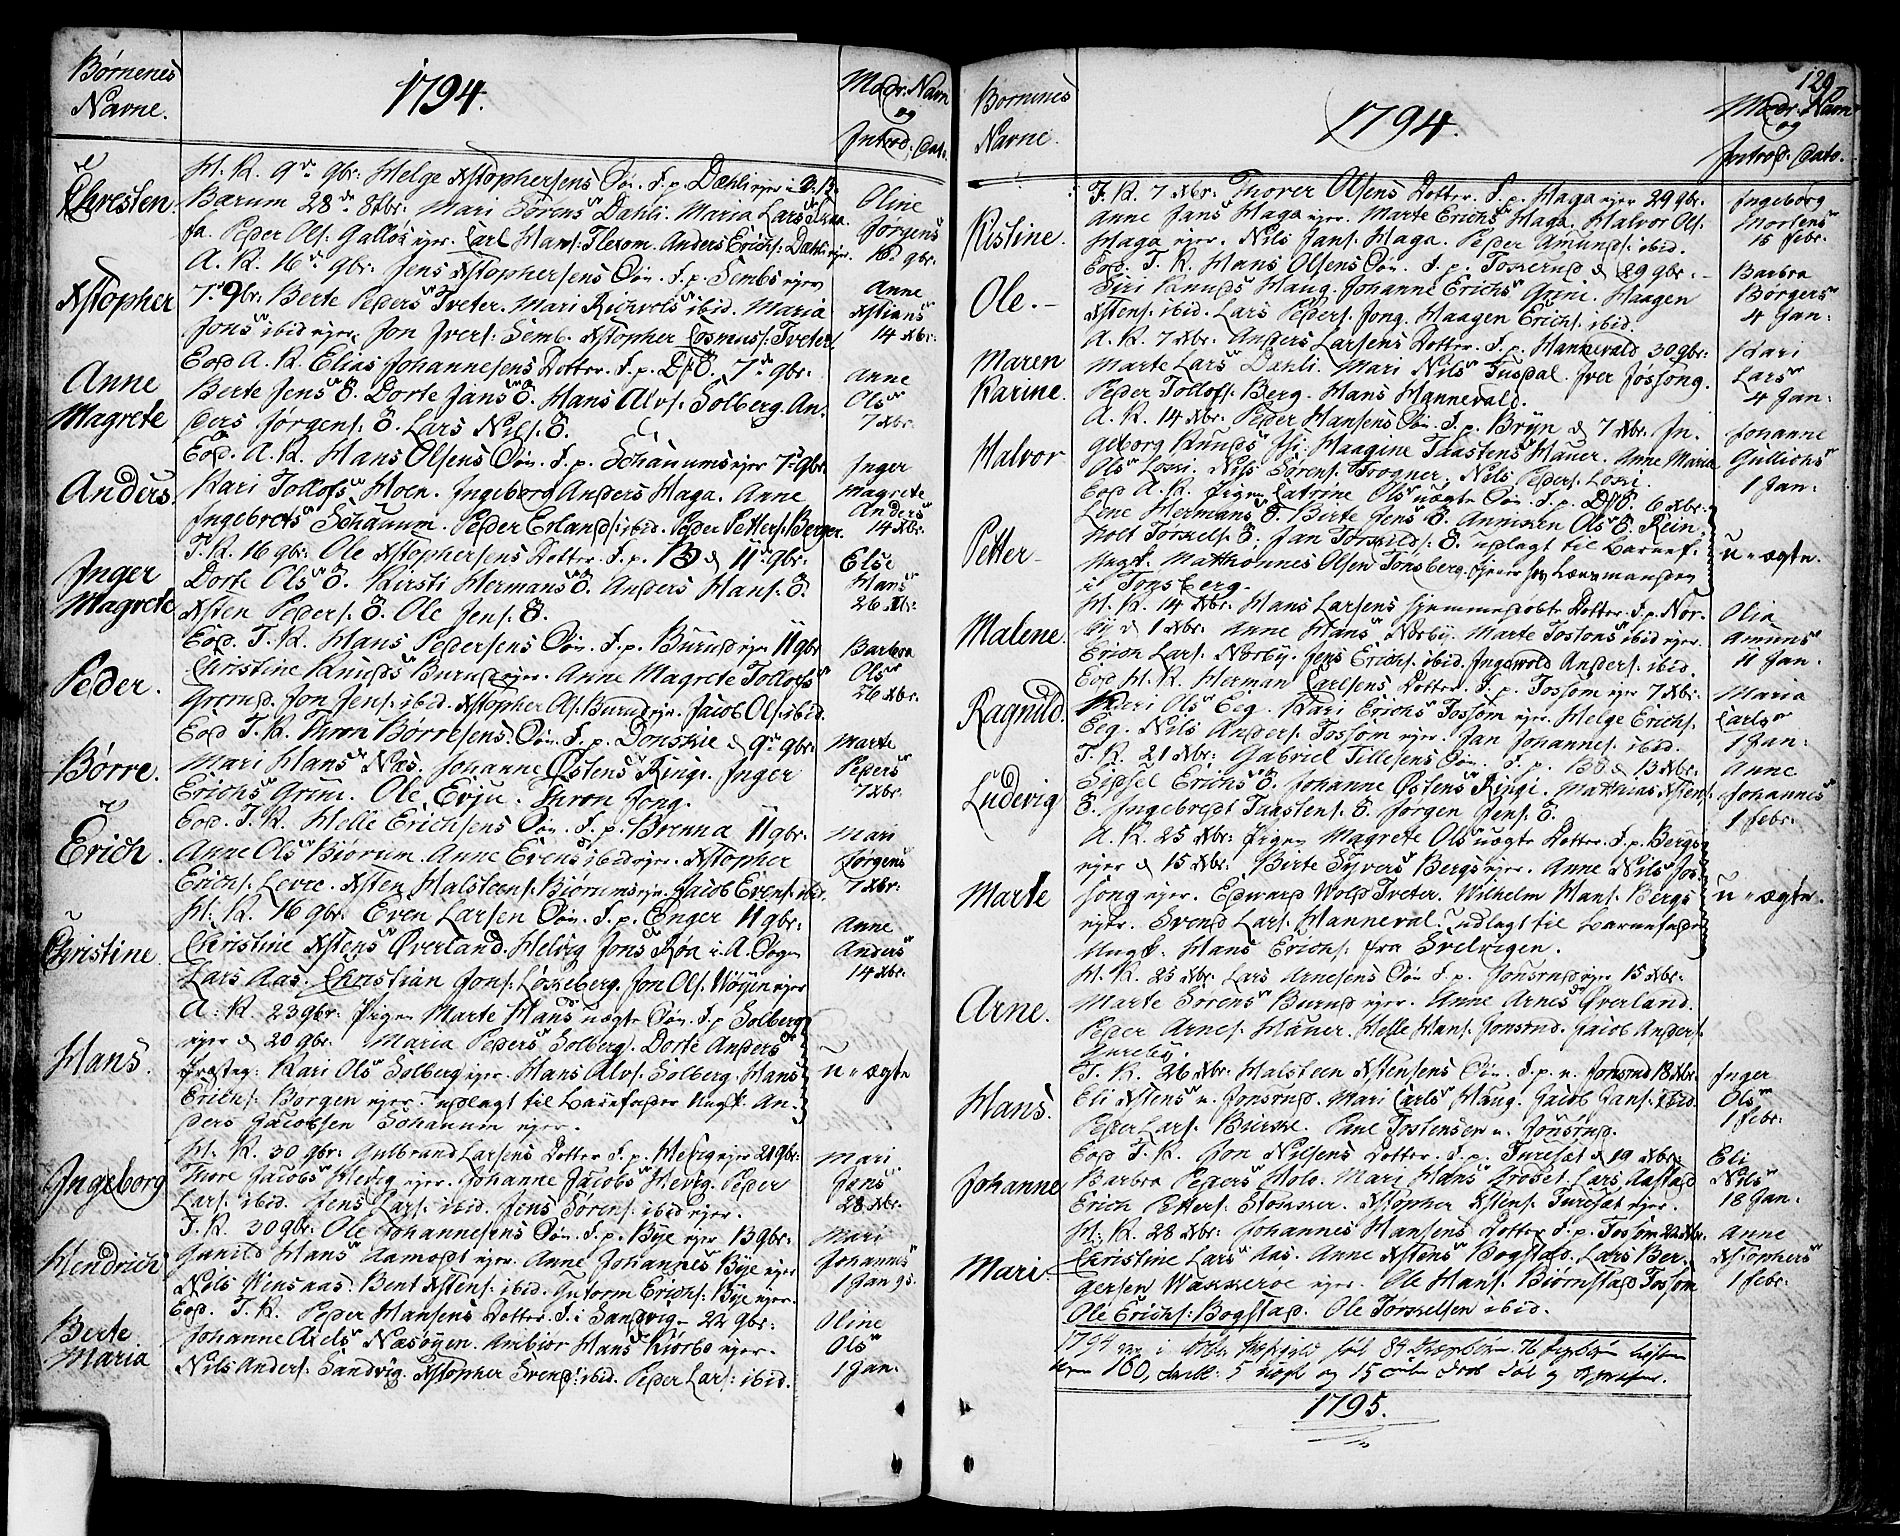 SAO, Asker prestekontor Kirkebøker, F/Fa/L0003: Ministerialbok nr. I 3, 1767-1807, s. 129